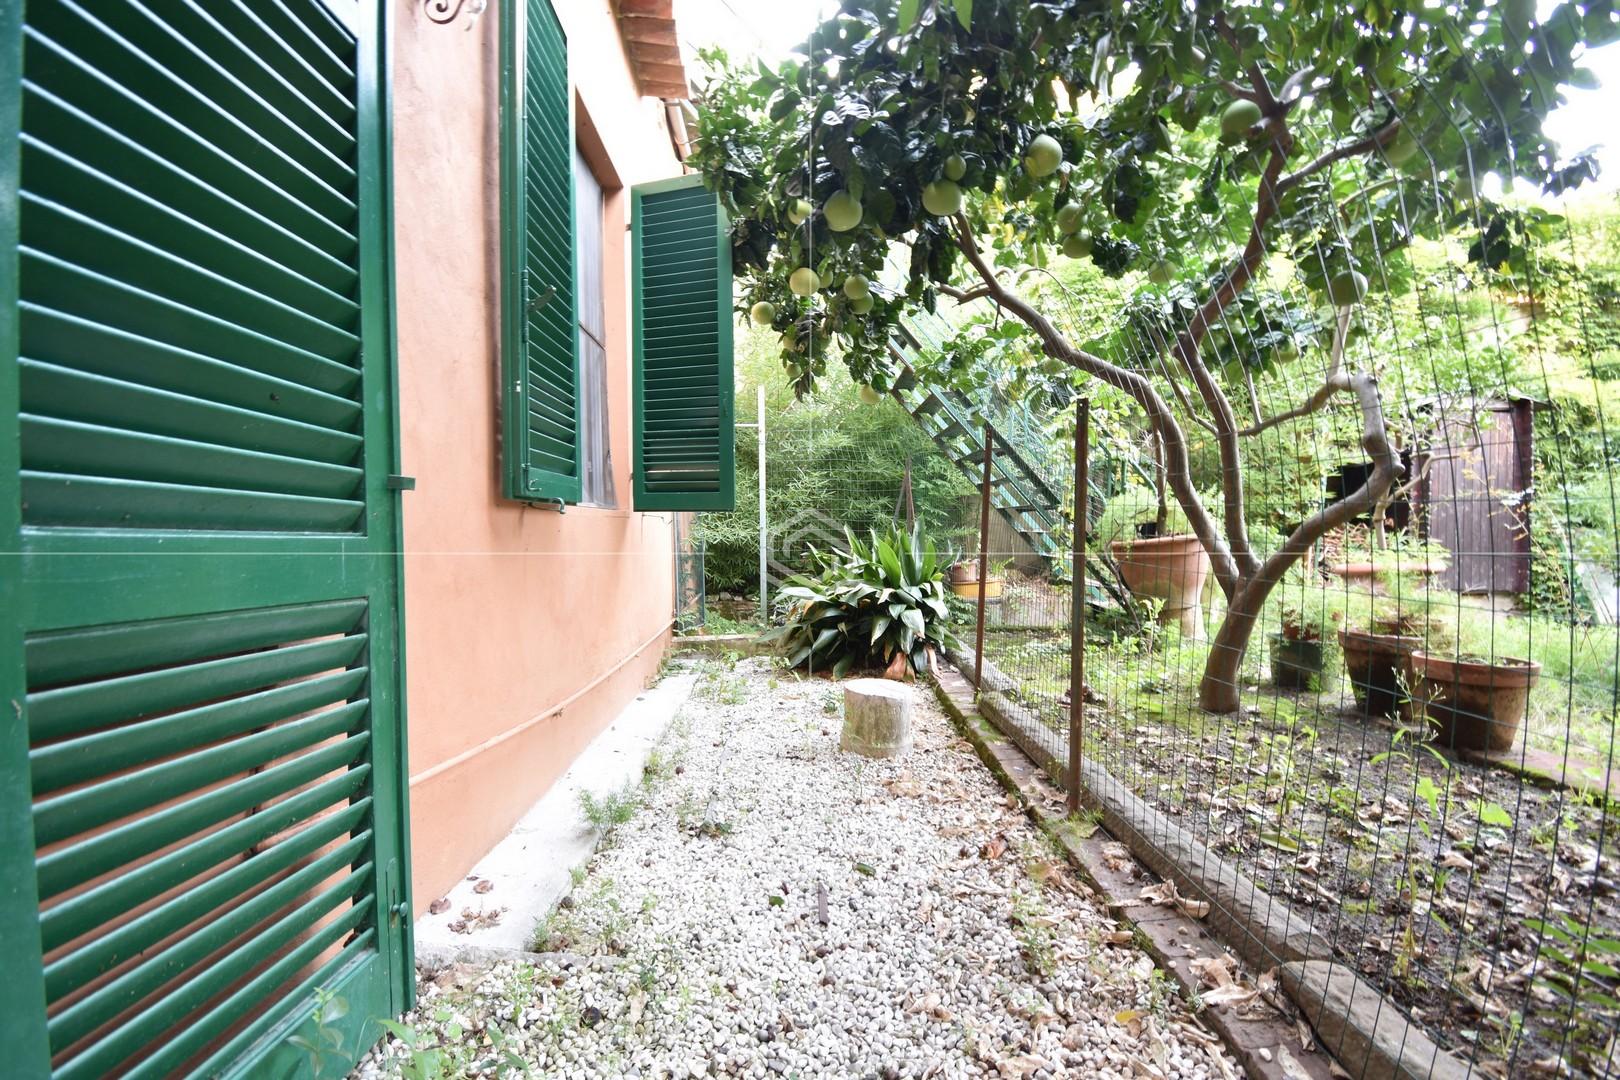 Appartamento bilocale con giardino in vendita sul Lungarno | Pisa